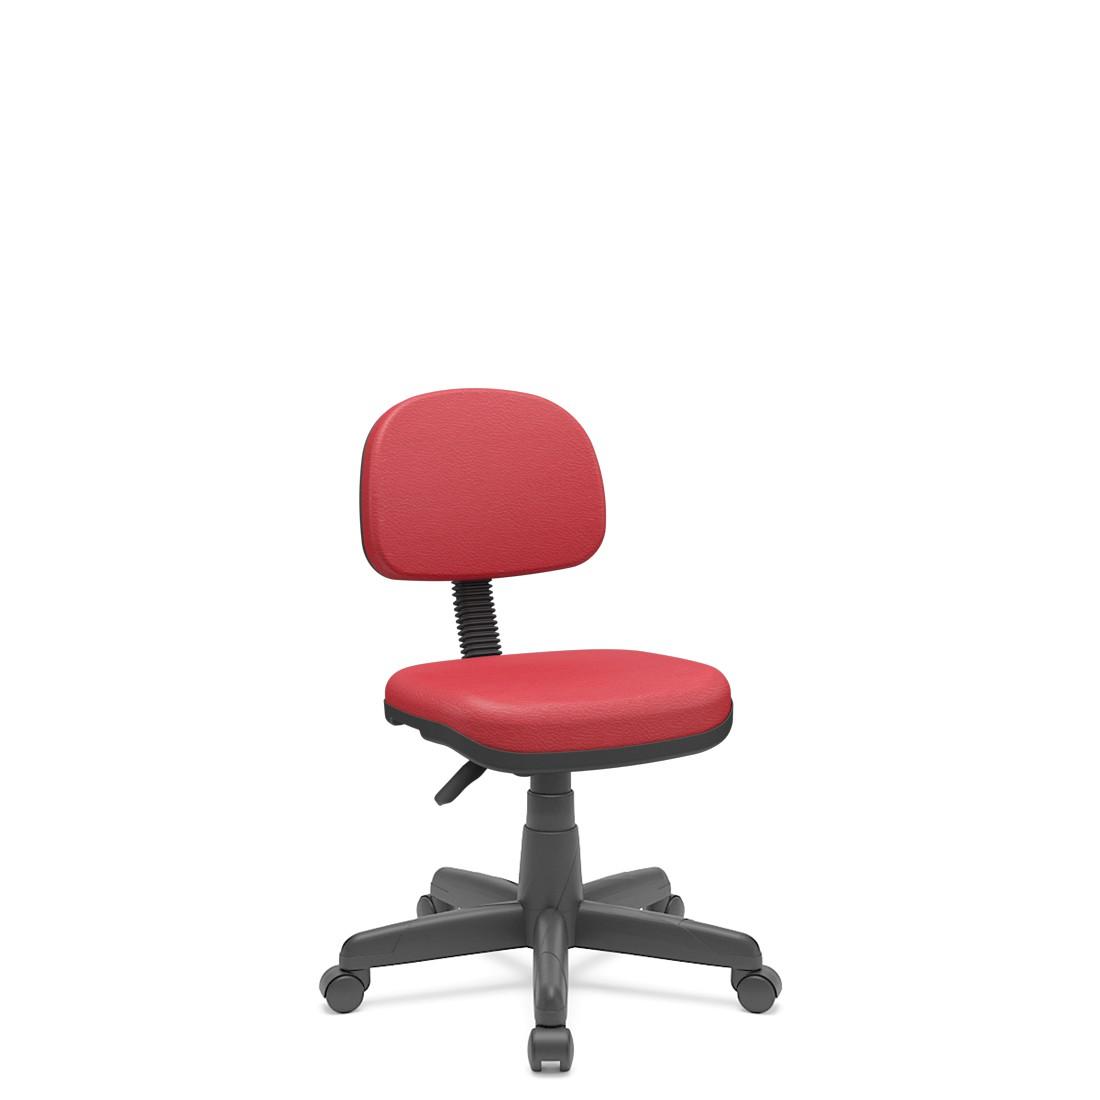 Cadeira Secretária Giratória Em couro ecológico Com Base Preta Plaxmetal - Vermelho